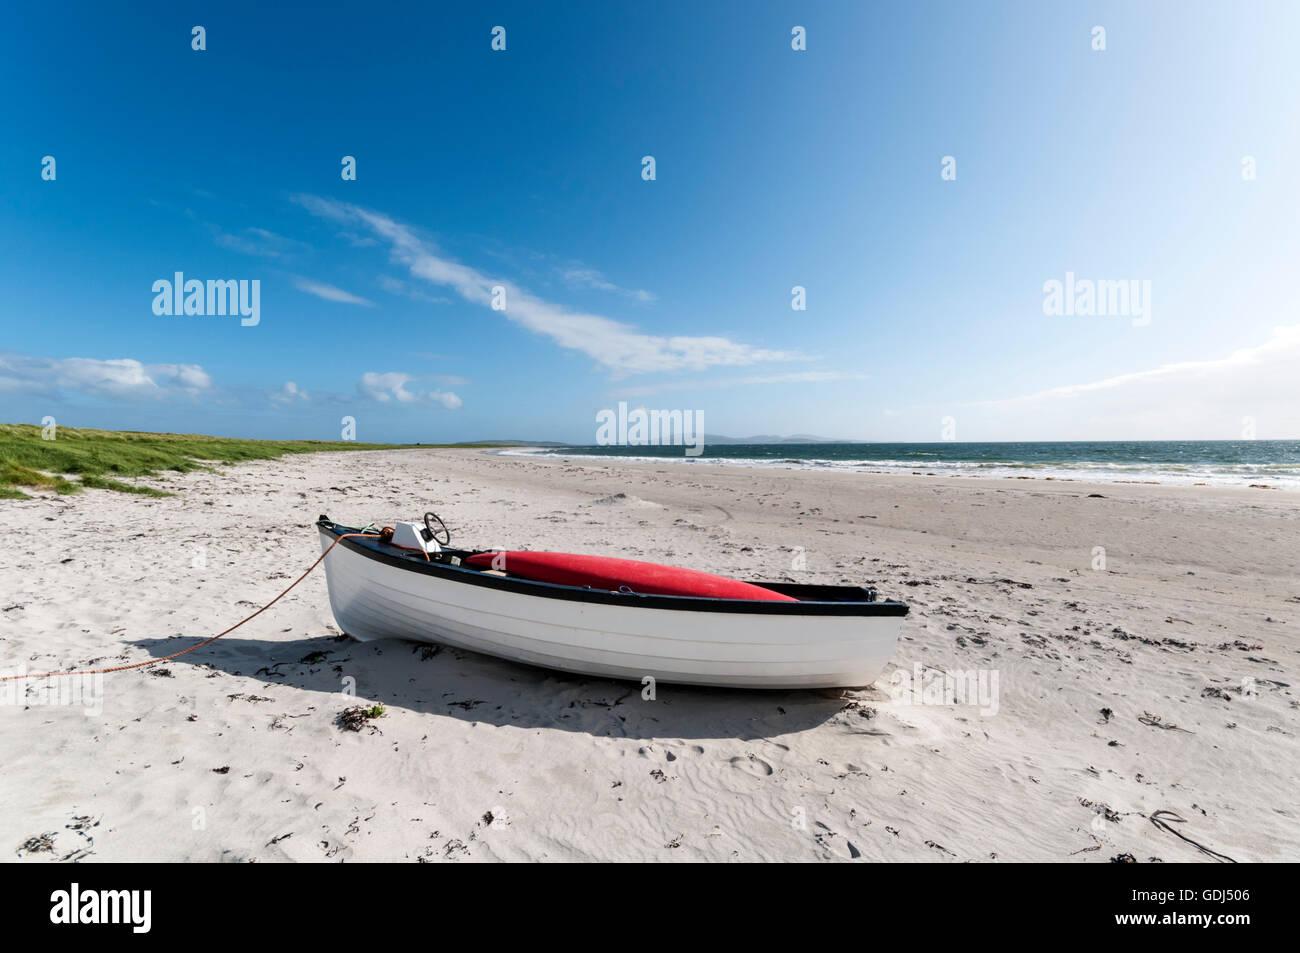 Boat on a deserted Hebridean beach near Gearraidh na Monadh on South Uist. - Stock Image